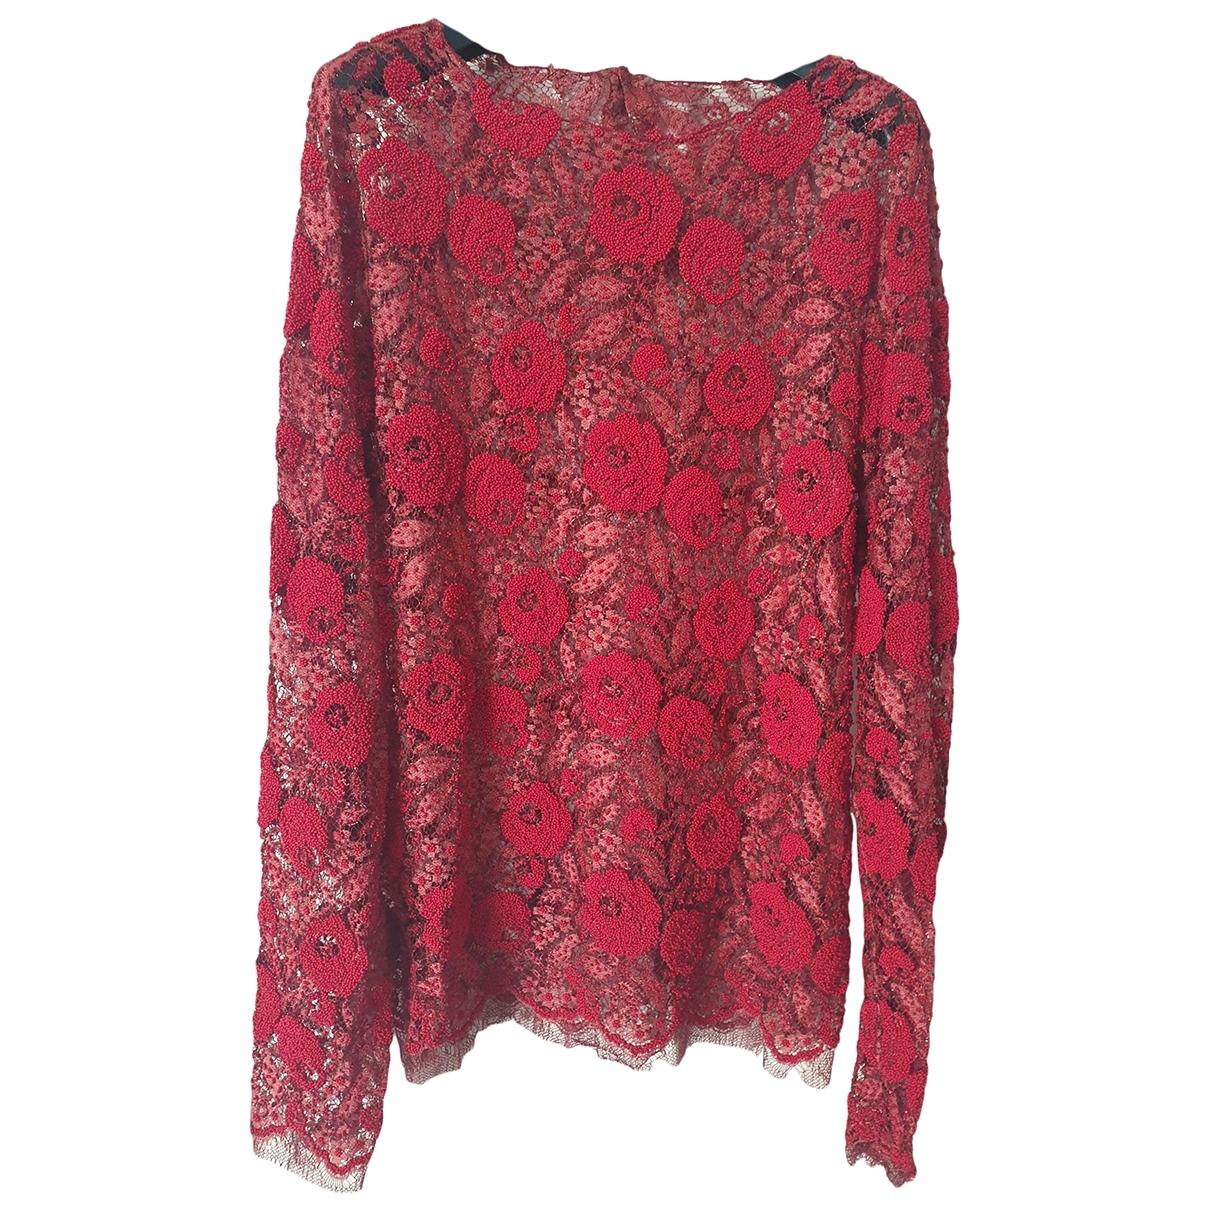 Gucci - Top   pour femme en dentelle - rouge